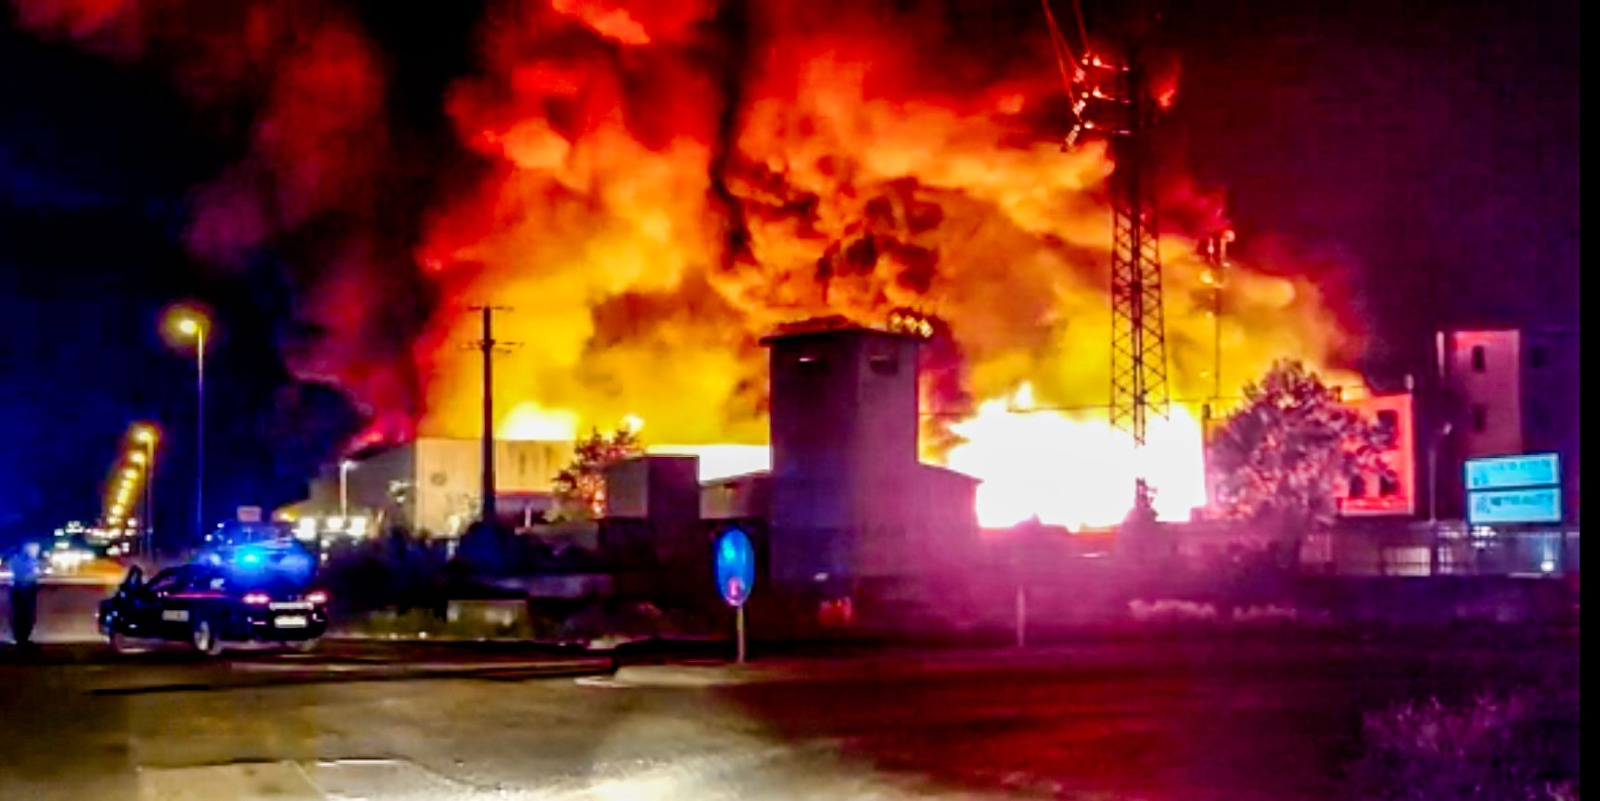 """Incendio Centro Riciclo Casinelli, esposto dall'Associazione nazionale per la lotta contro le illegalità e le mafie """"Antonino Caponnetto"""""""